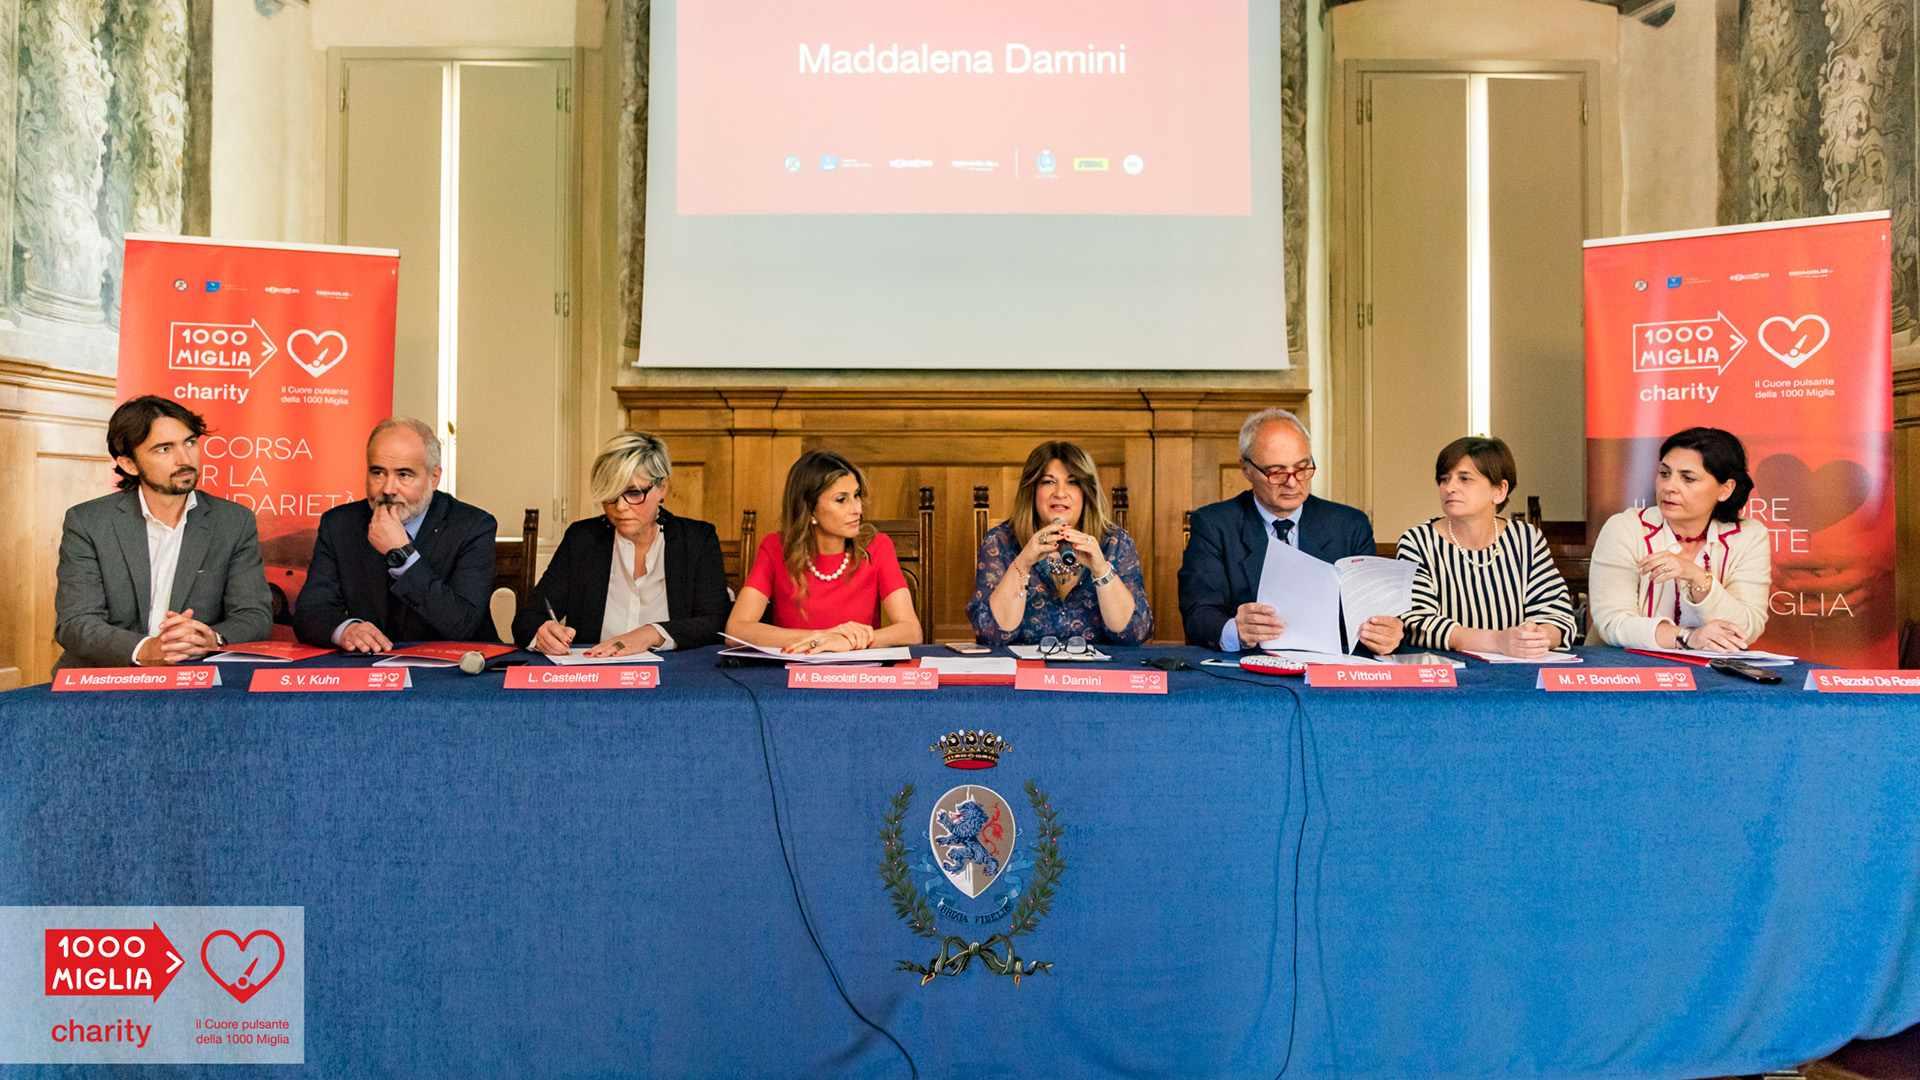 1000 Miglia Charity - Conferenza stampa